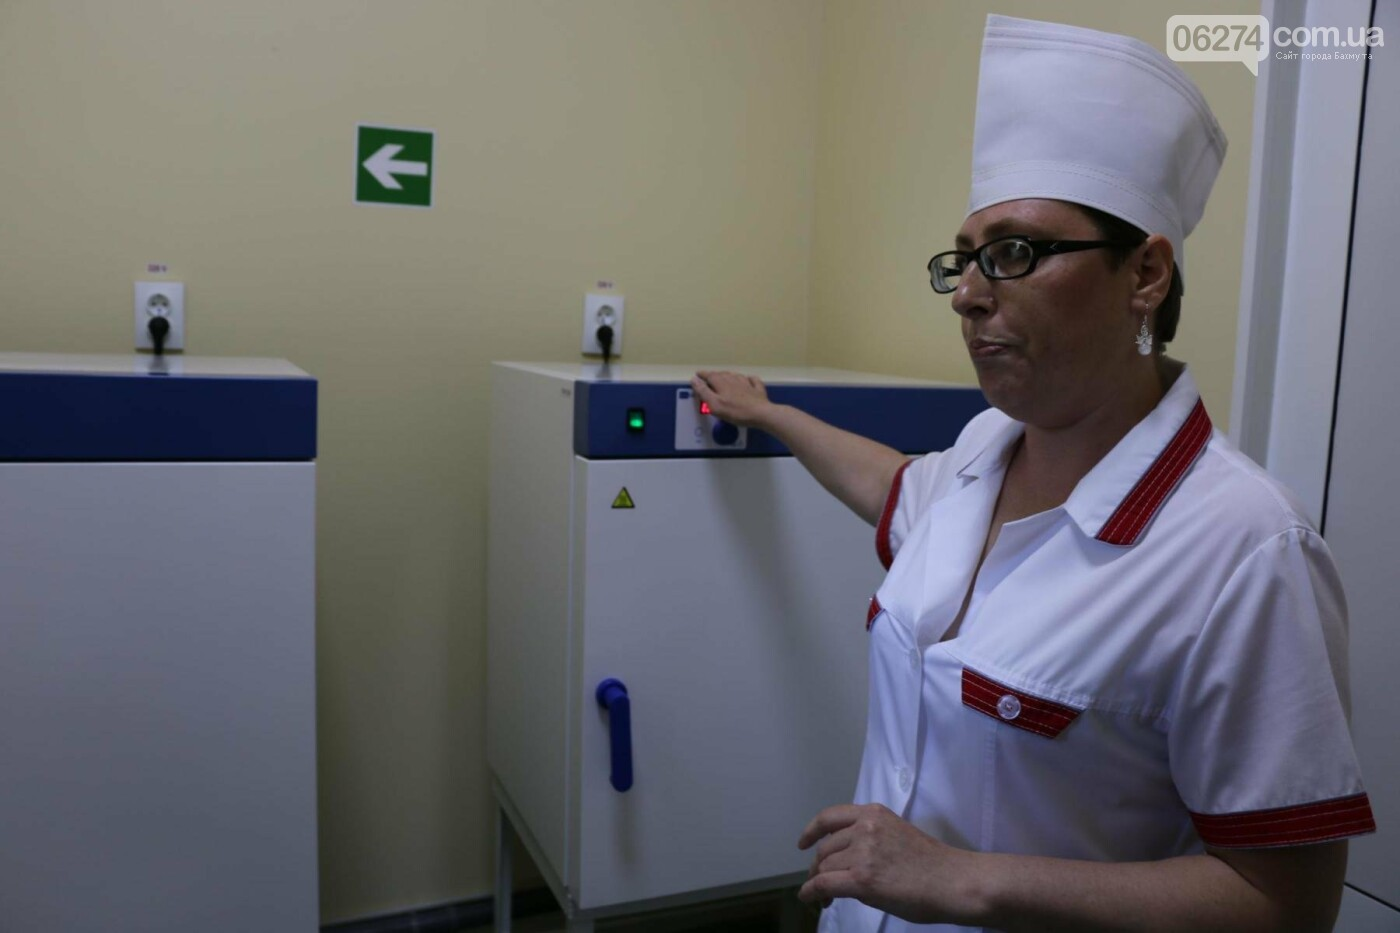 В Бахмуте презентовали современную бактериологическую лабораторию, фото-12